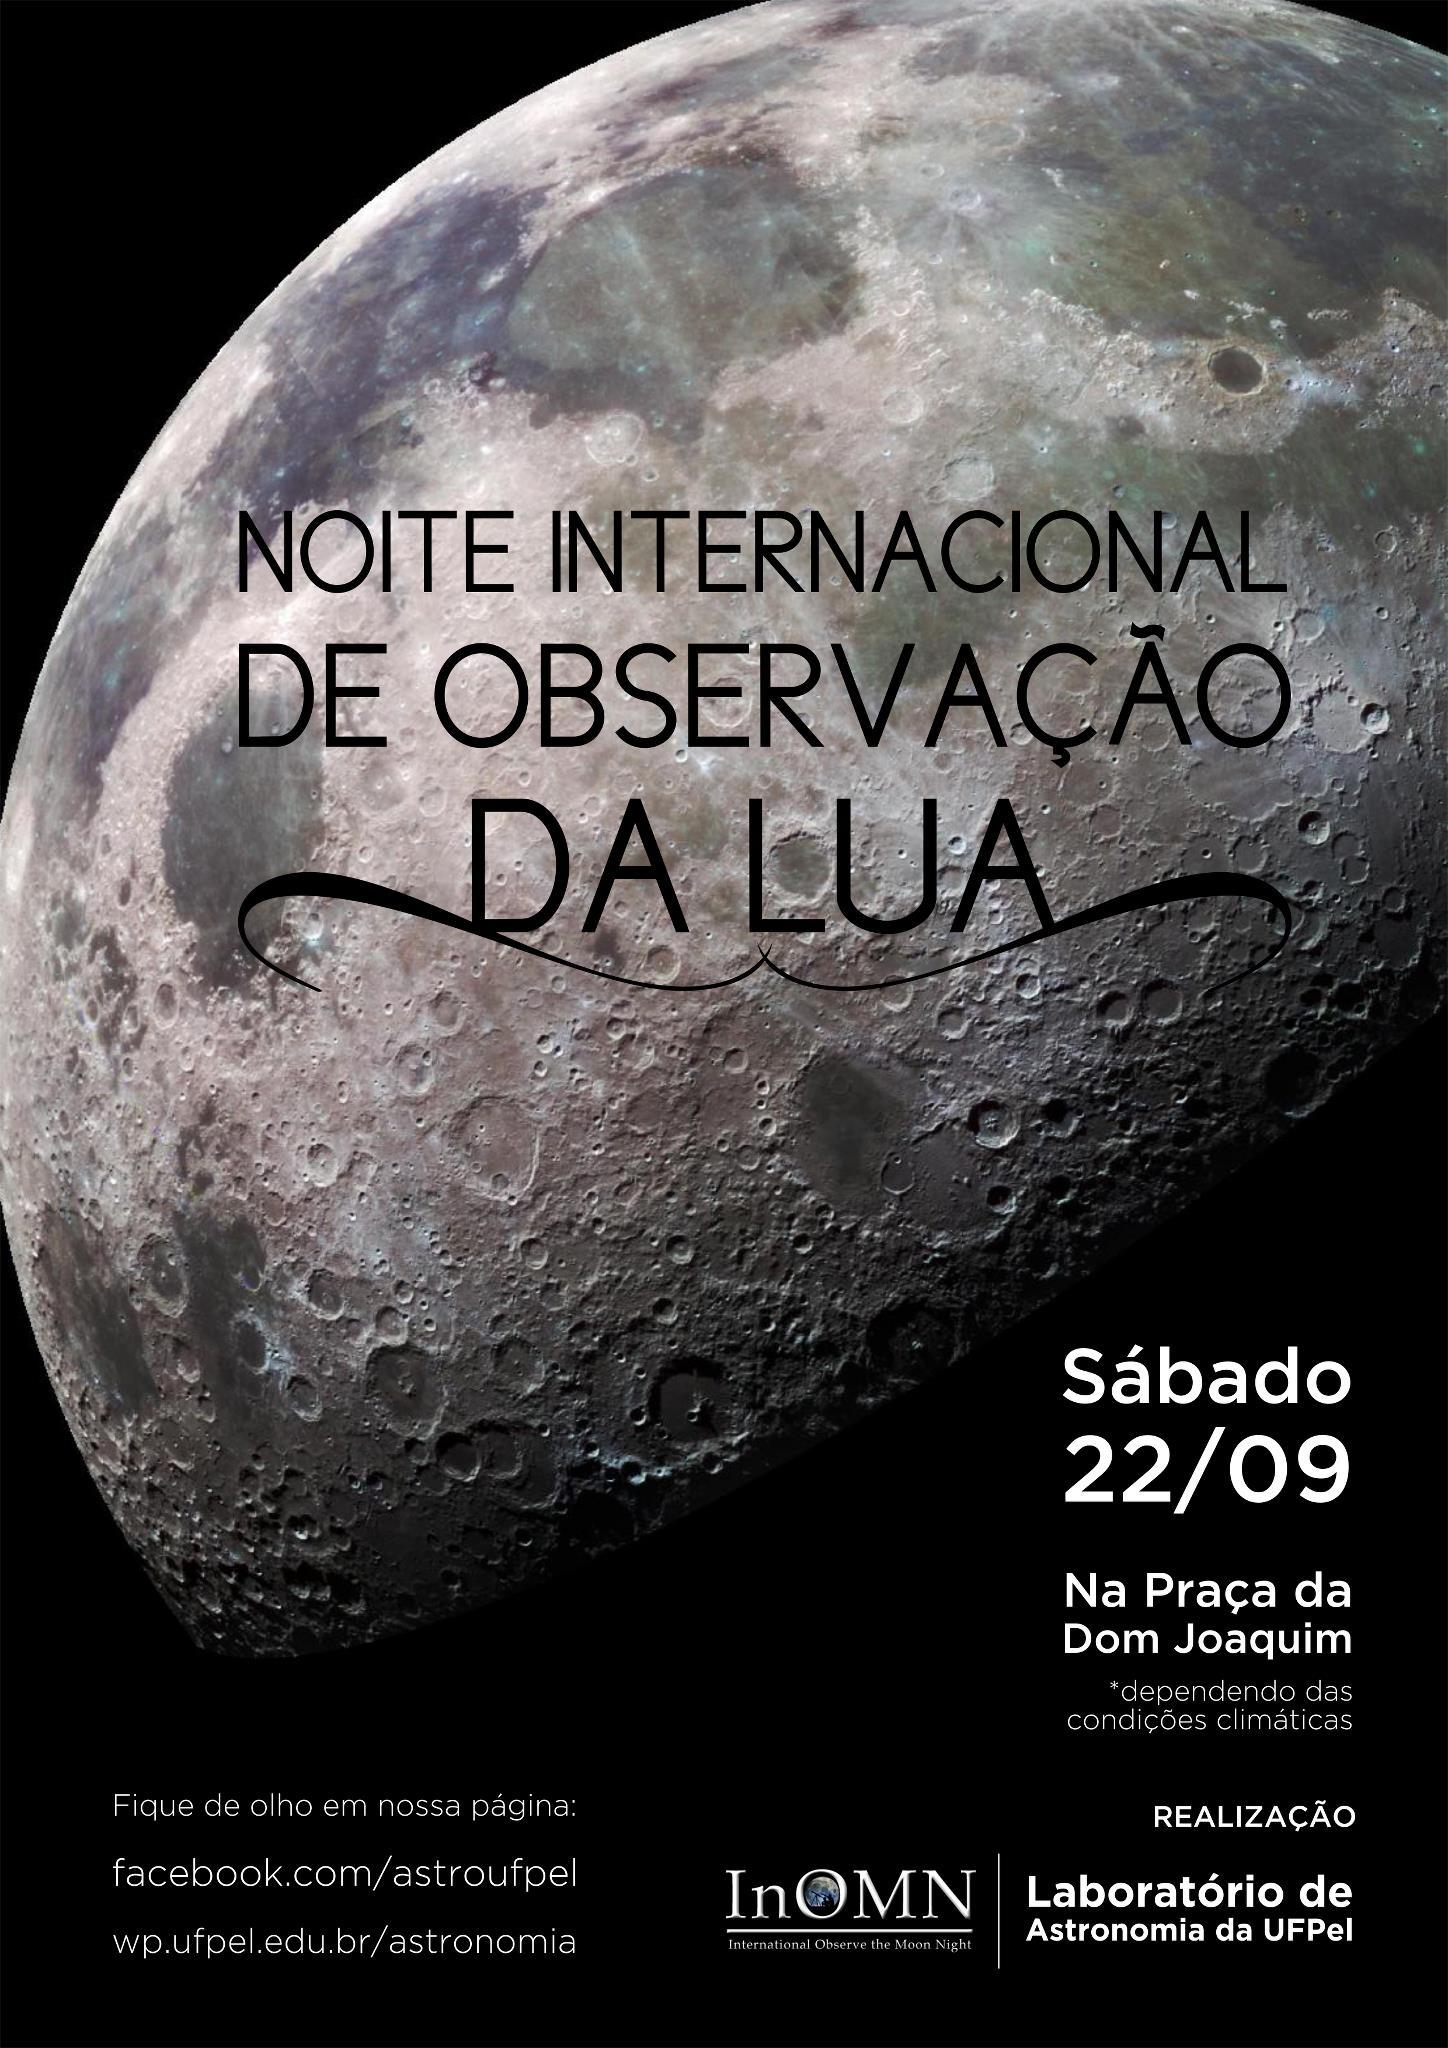 Hoje: Noite Internacional de Observação da lua!